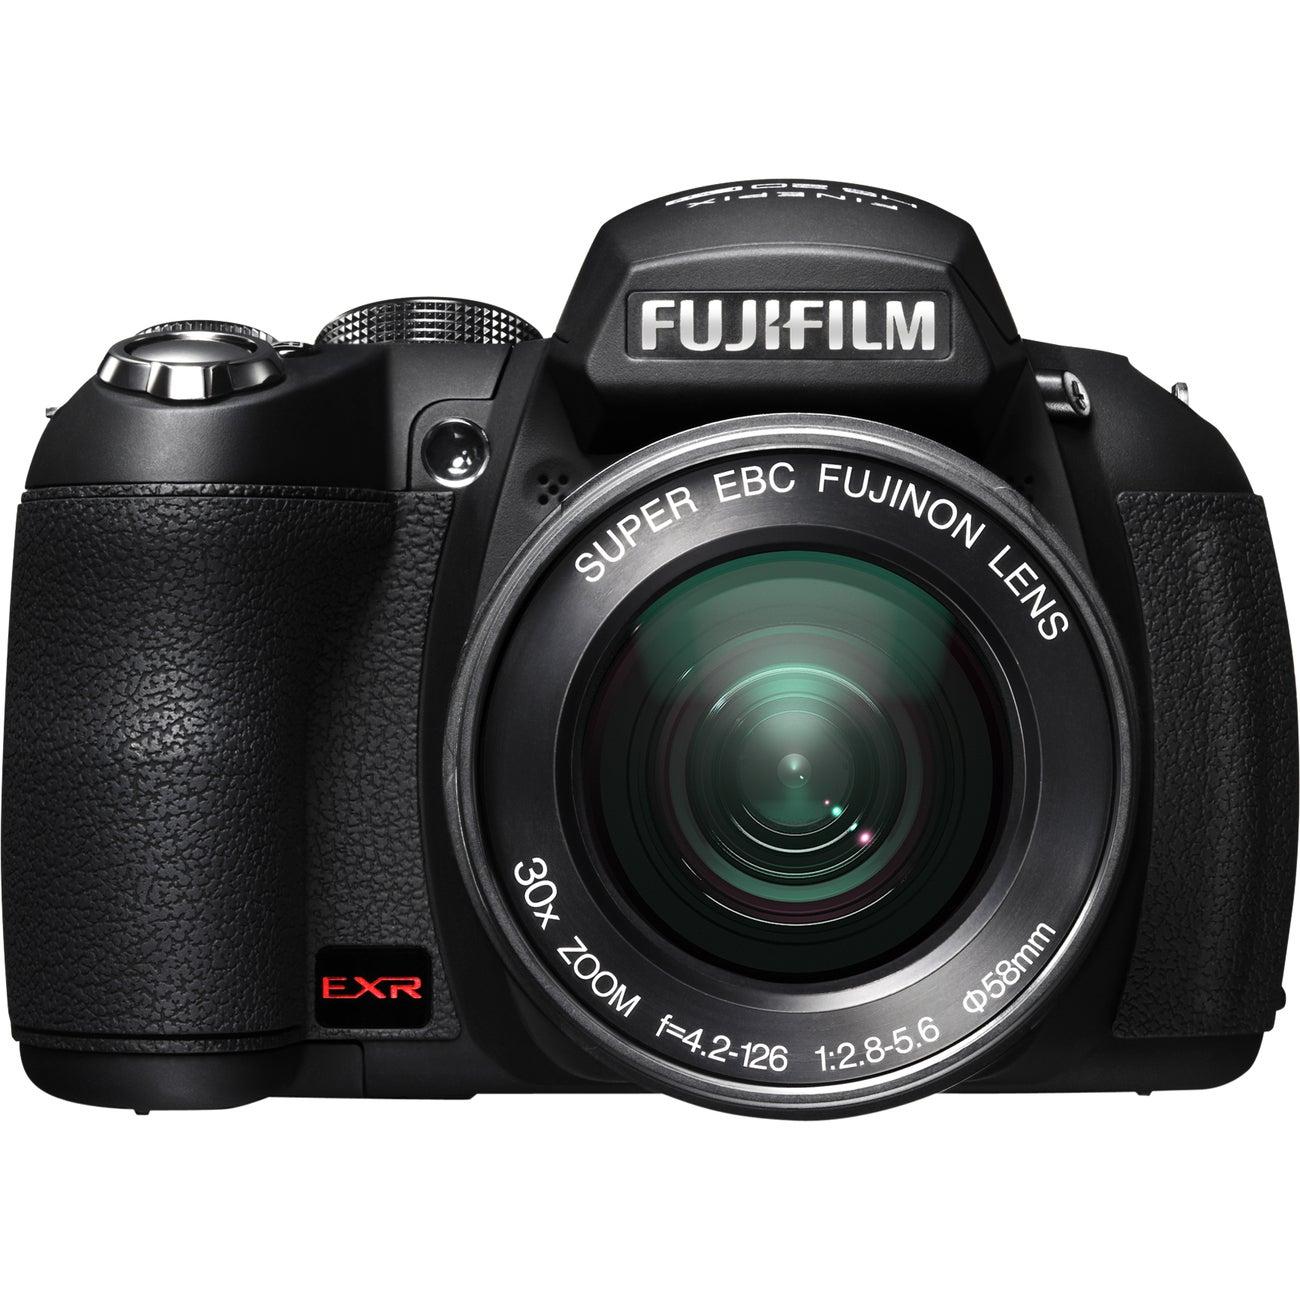 Fujifilm FinePix HS20EXR 16 Megapixel Bridge Camera